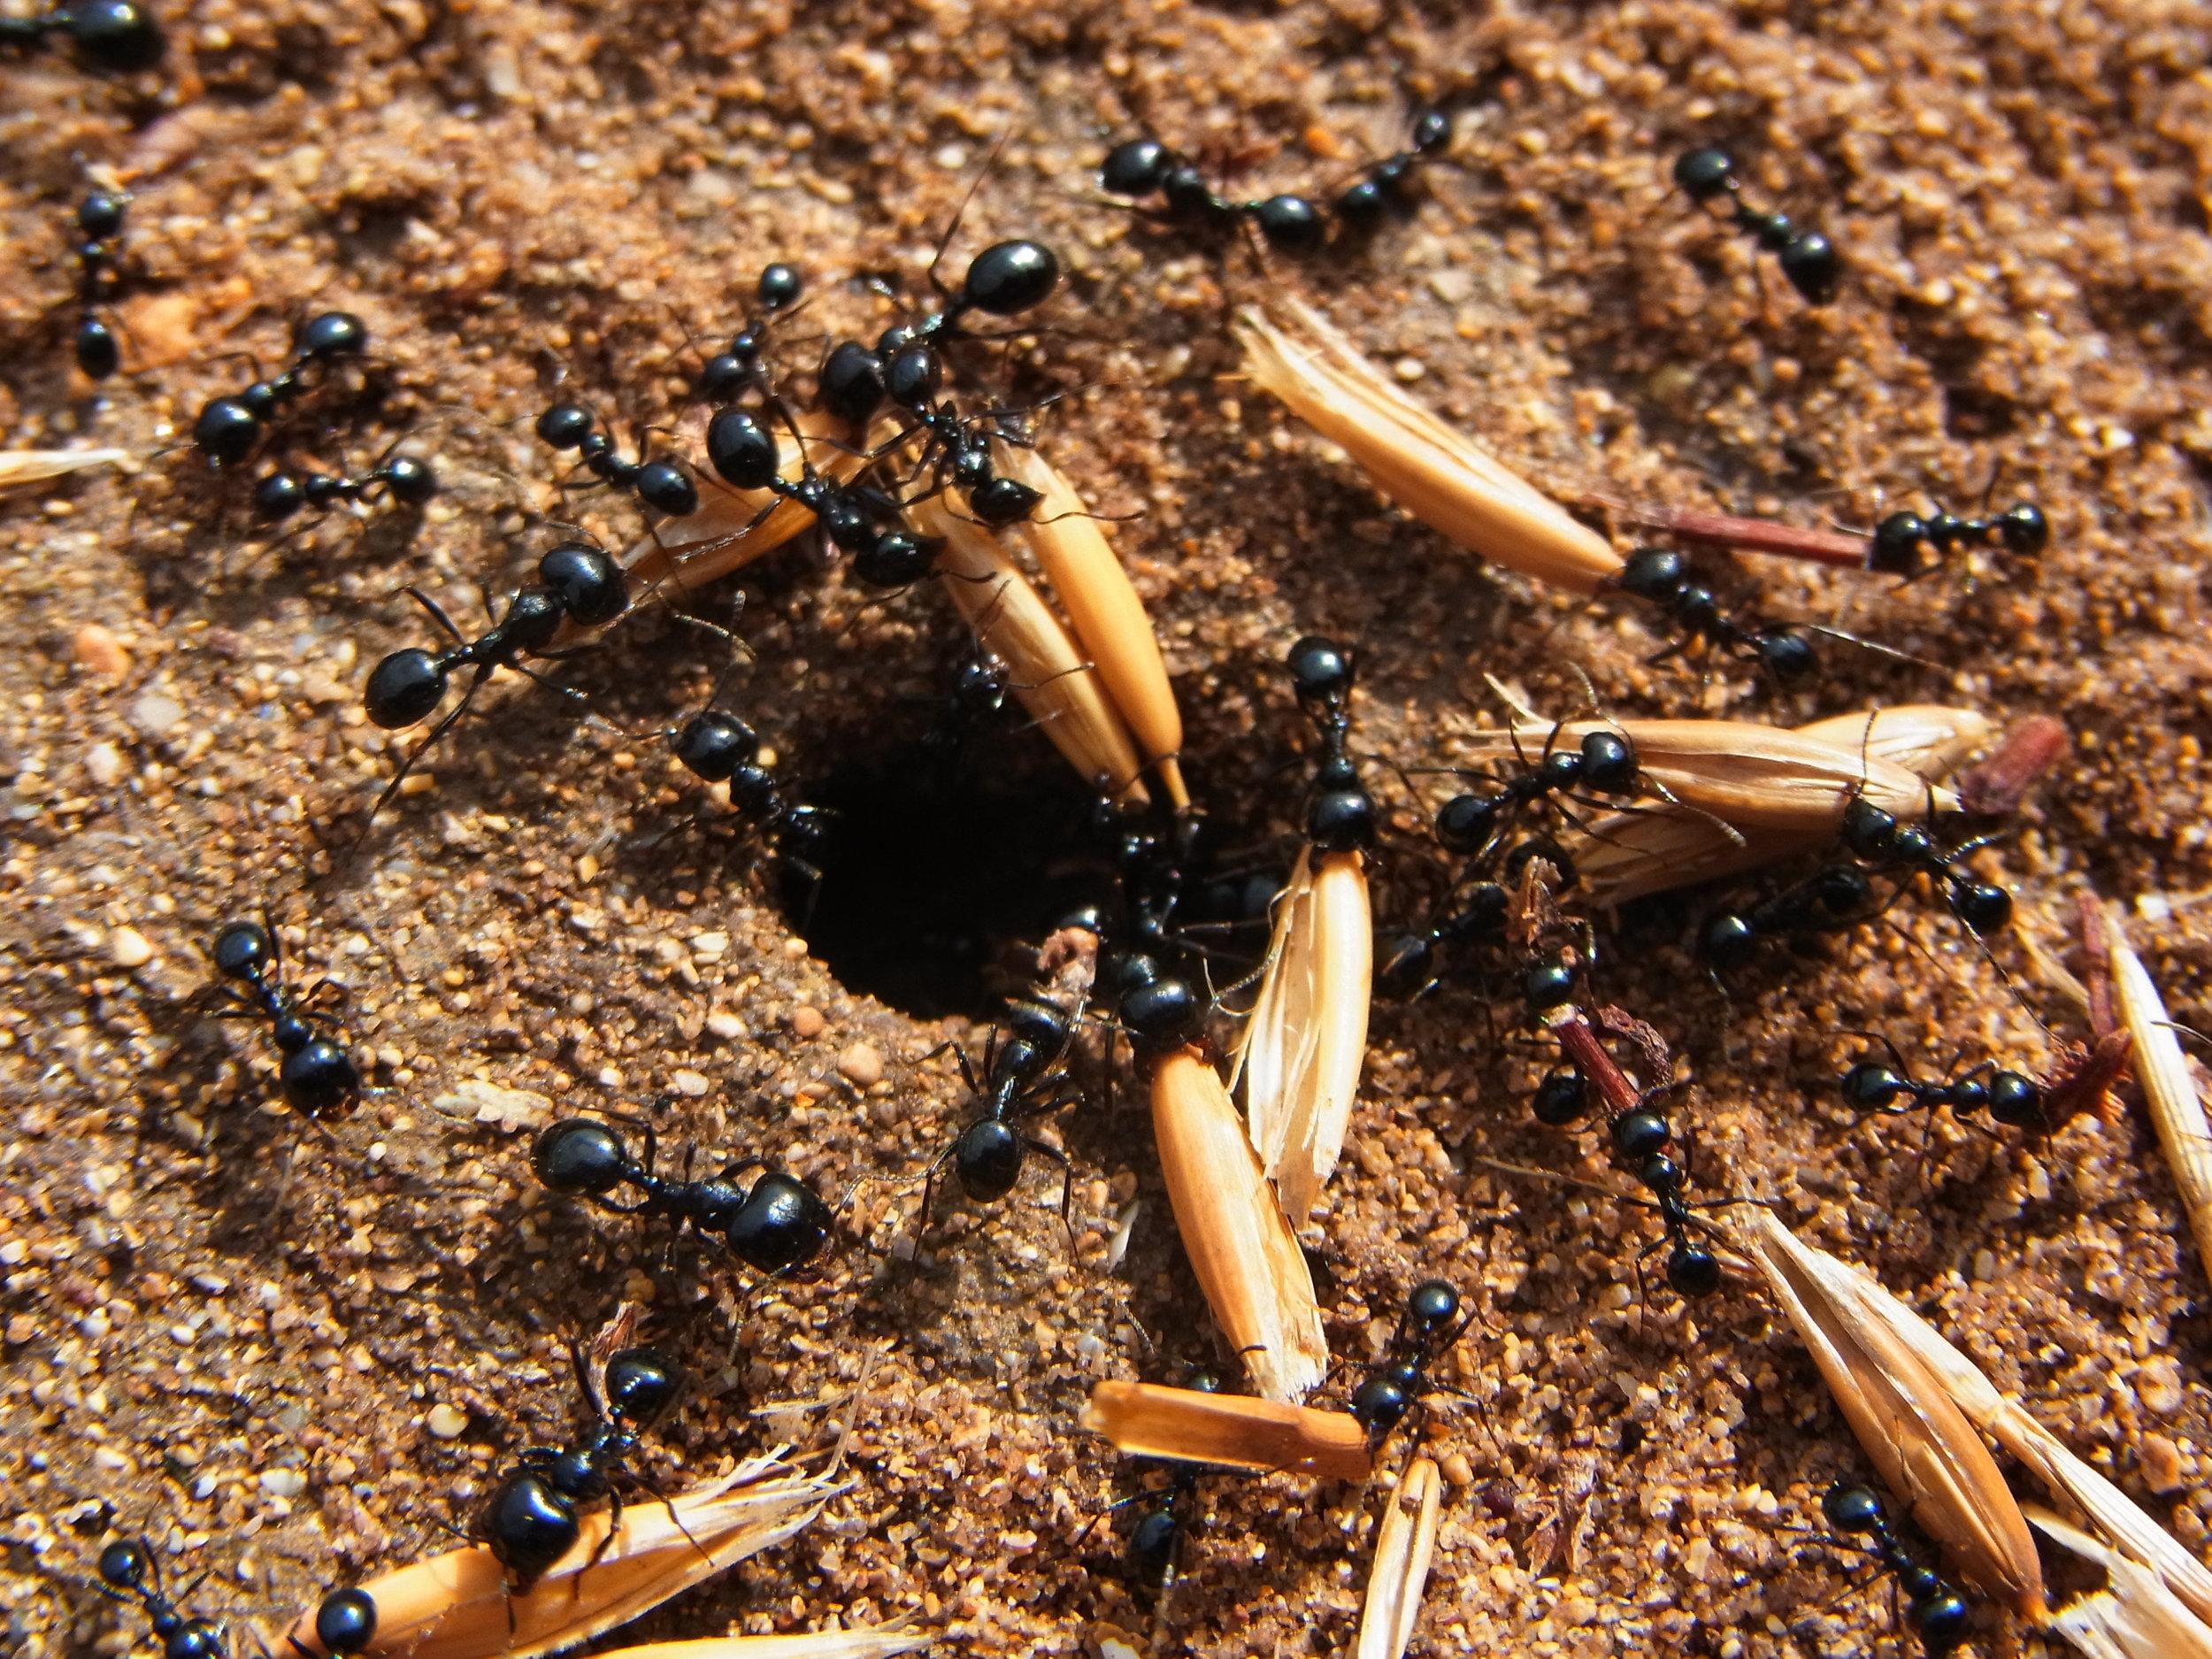 Ants_CBMen_4.JPG